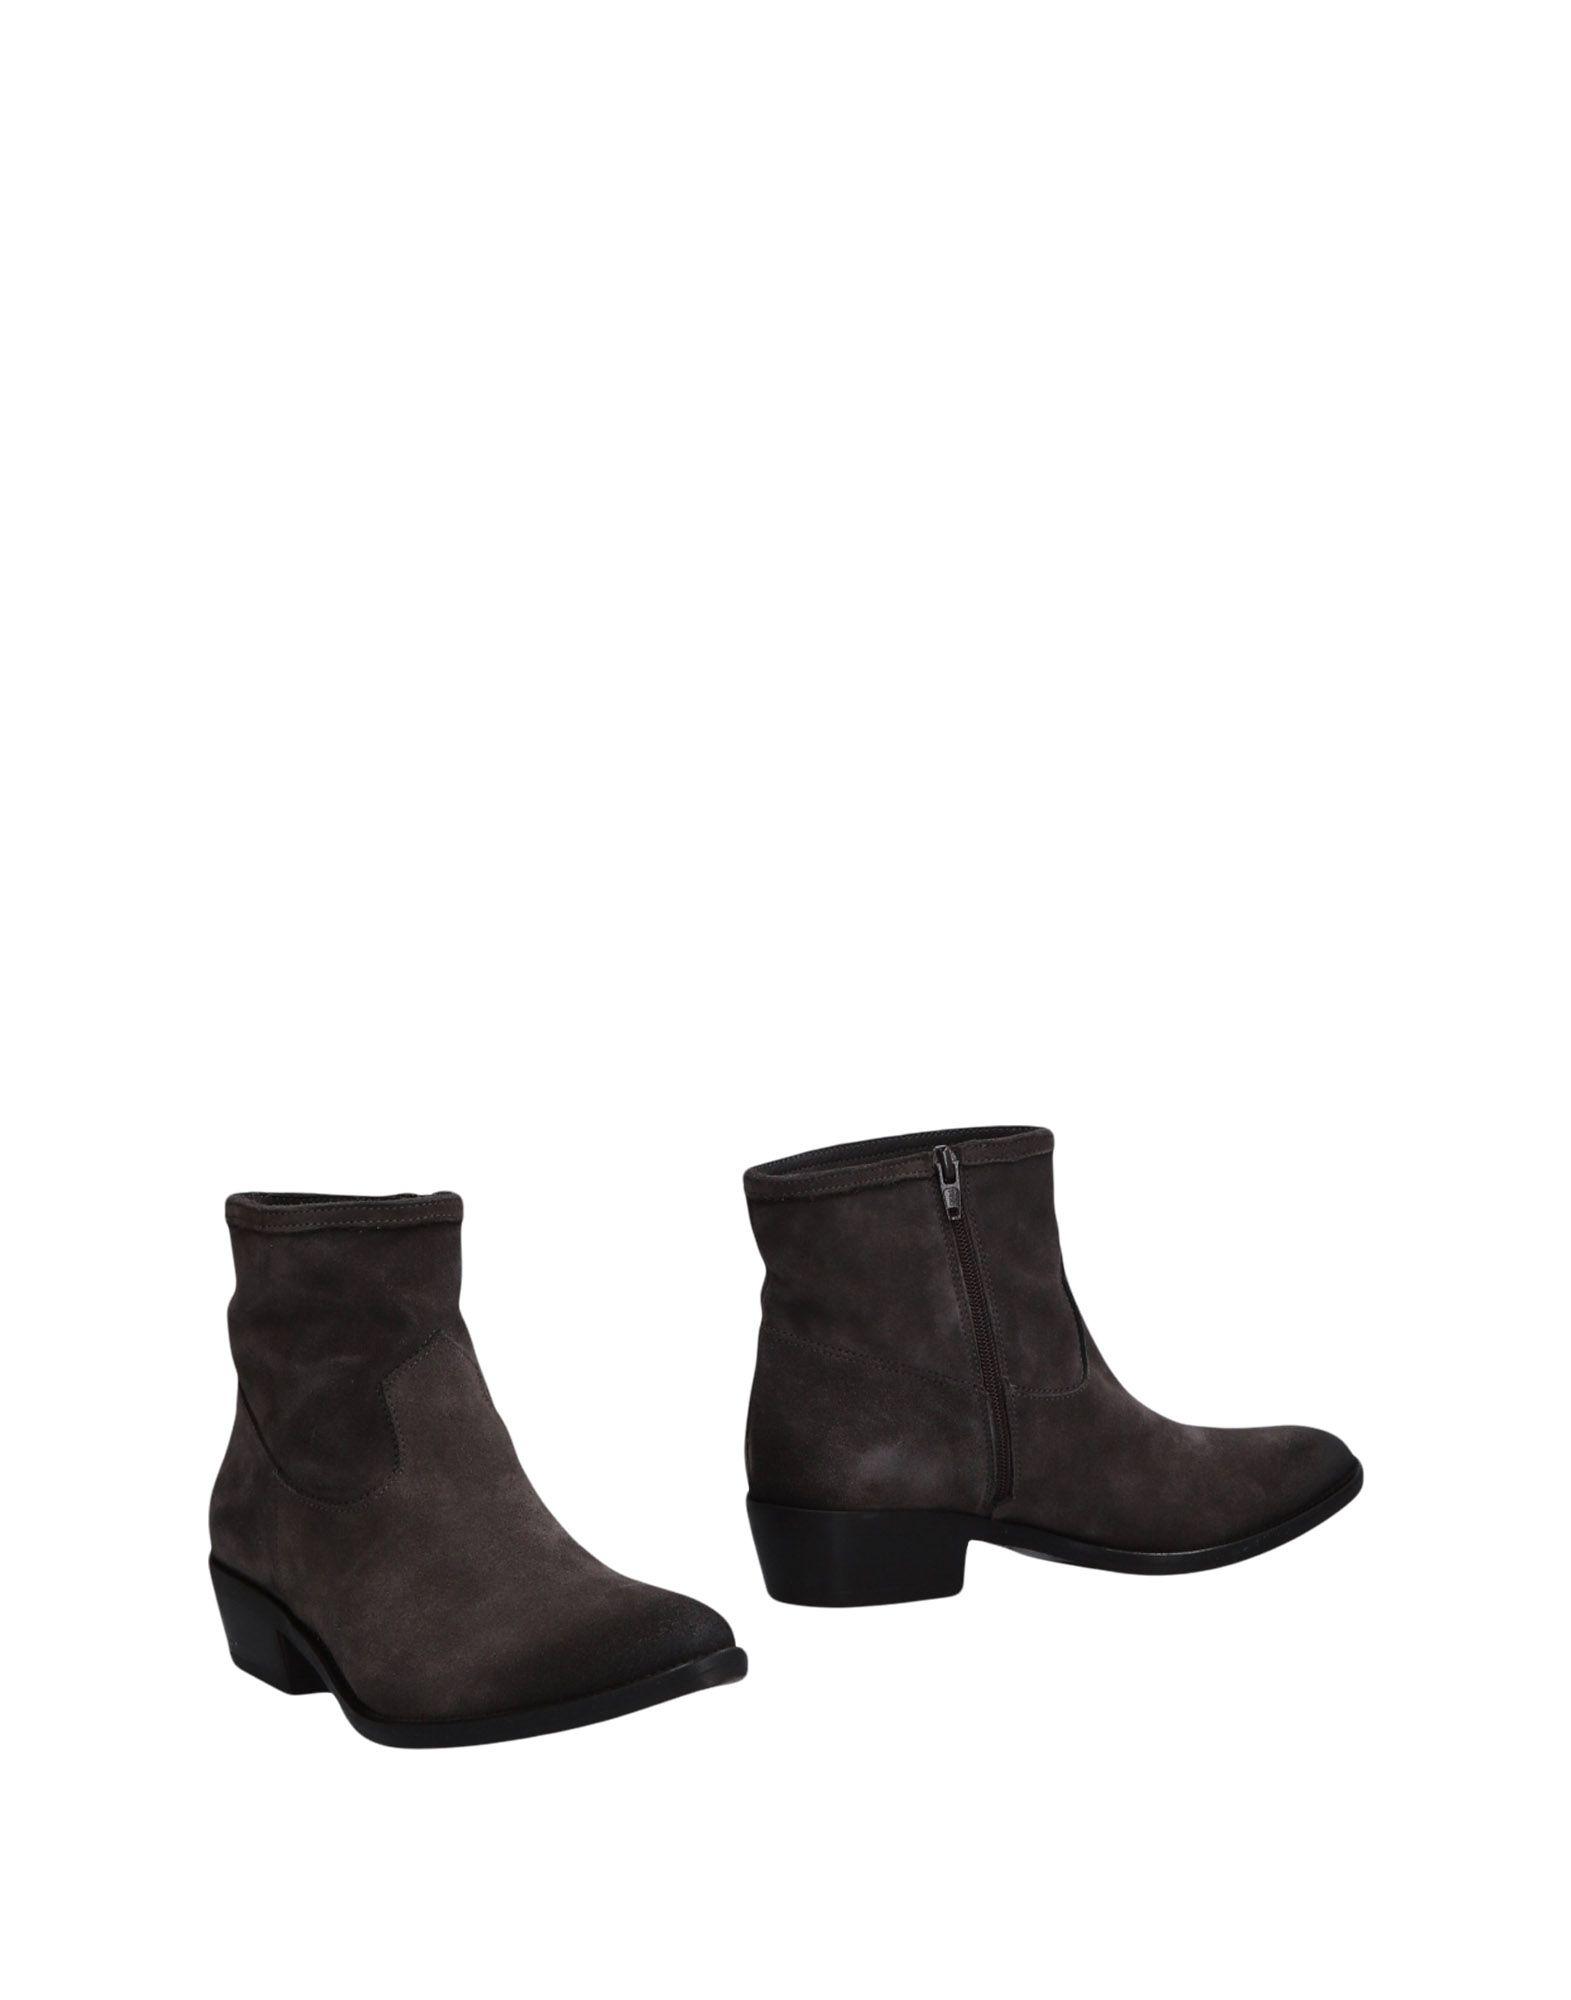 Mally Stiefelette Damen  11473058ME Gute Qualität beliebte Schuhe